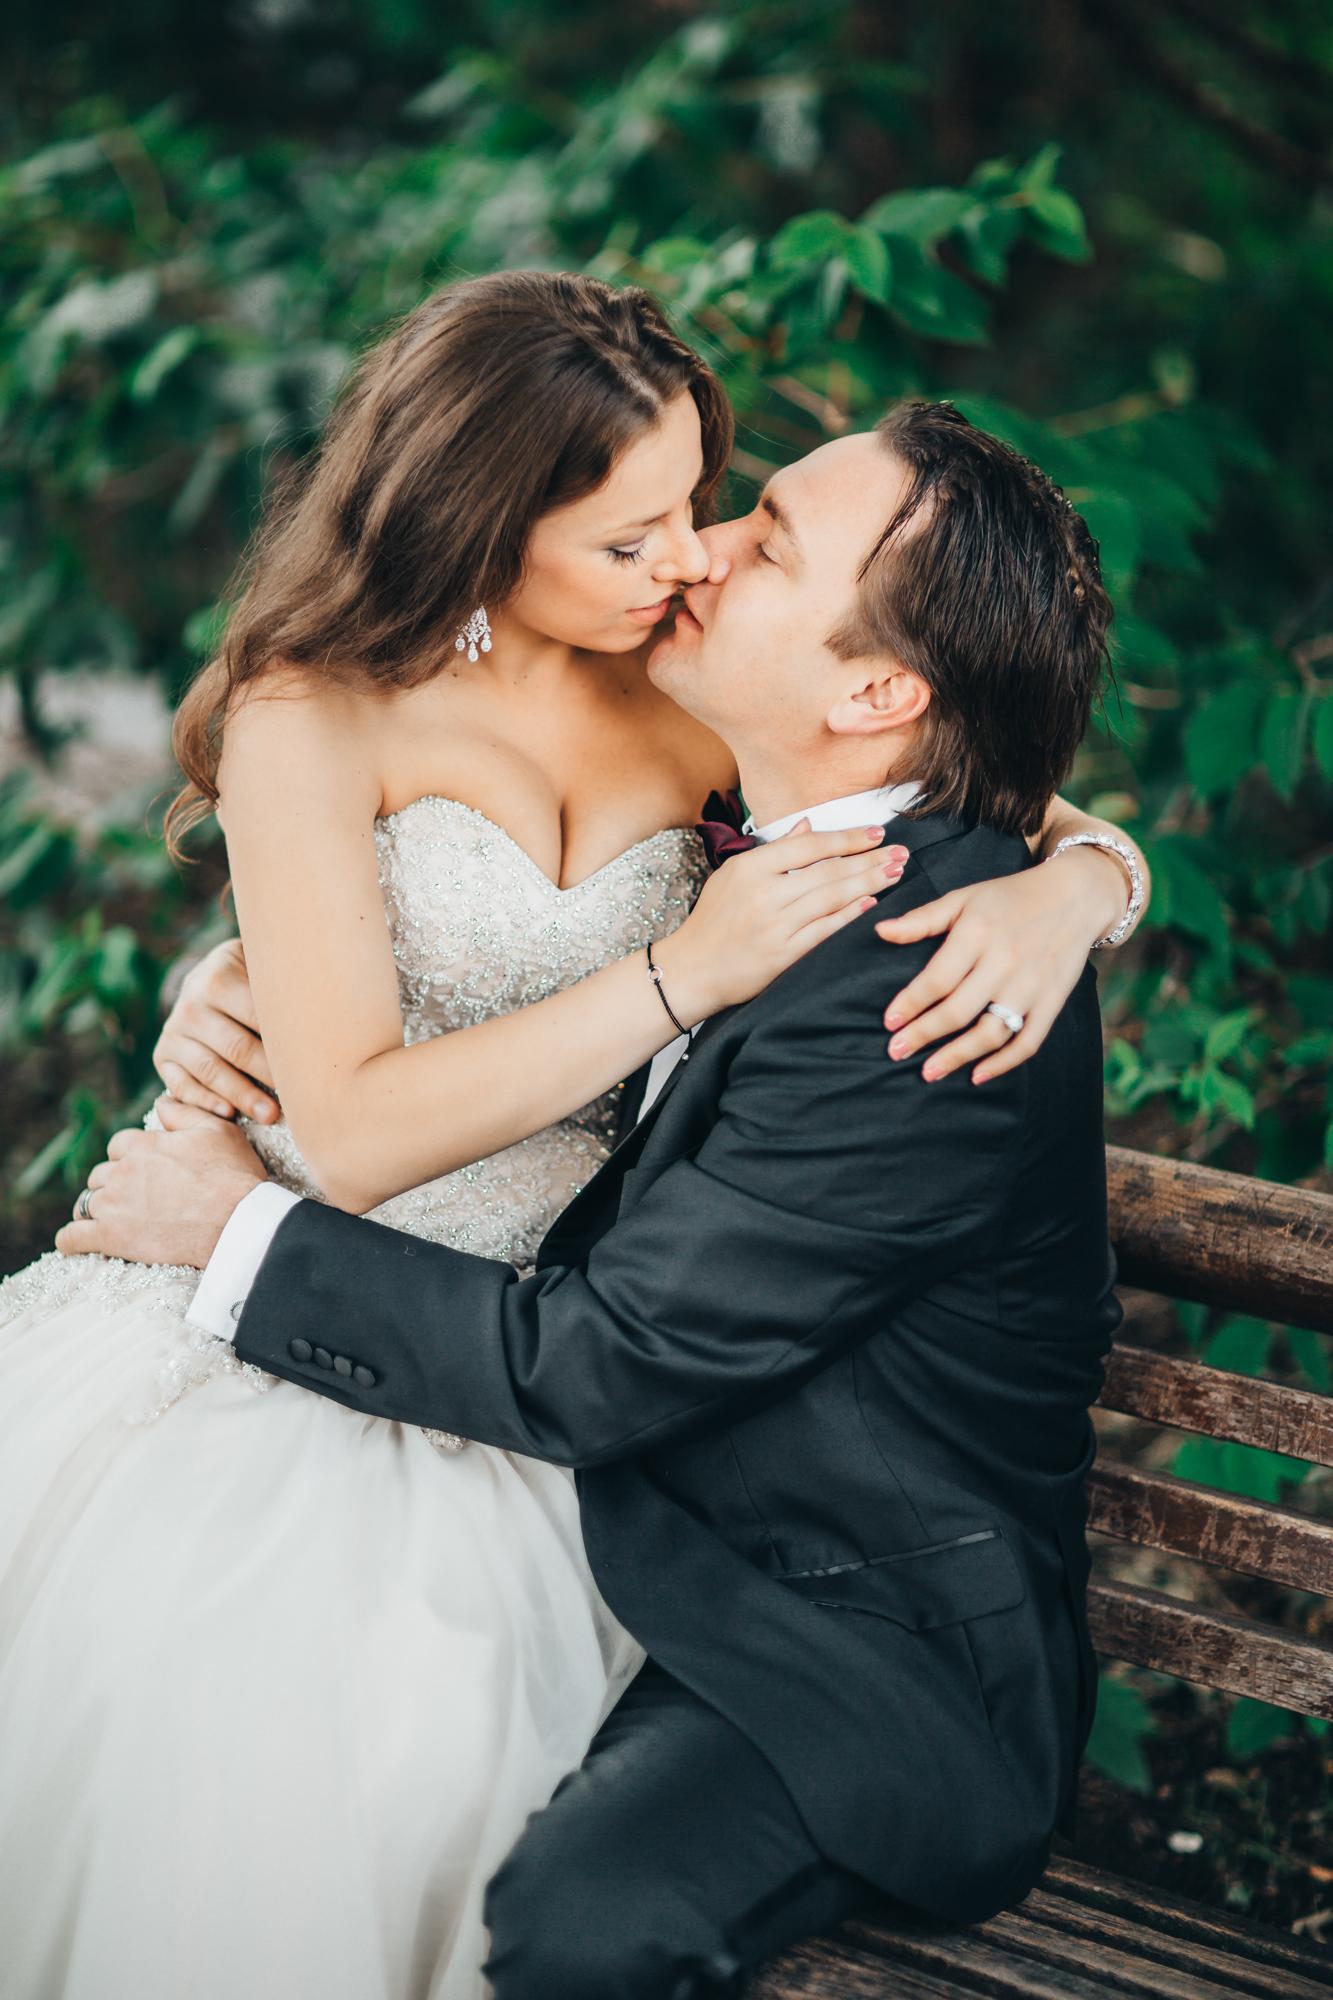 New York Wedding Photographer Boris Zaretsky Boris_Zaretsky_Photography__B2C6596-Edit copy.jpg